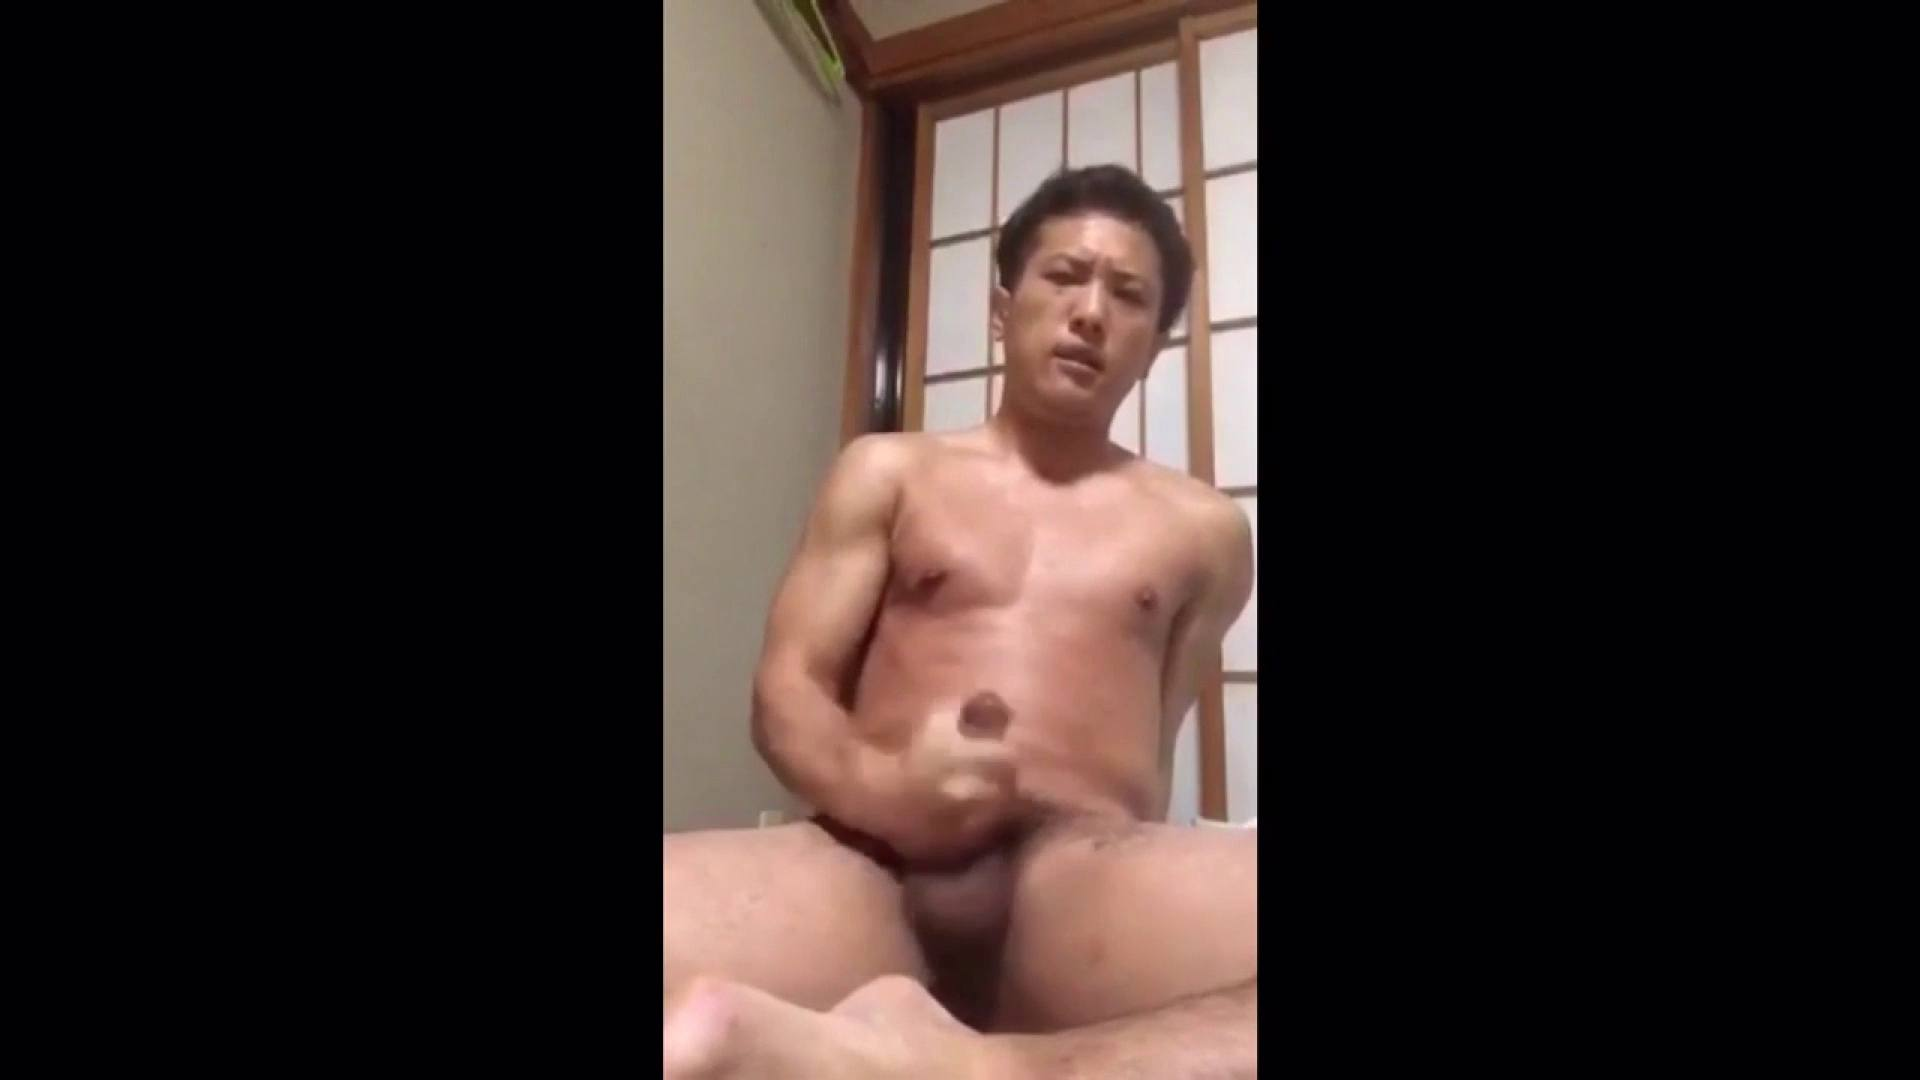 個人撮影 自慰の極意 Vol.25 手コキ AV動画 91枚 73